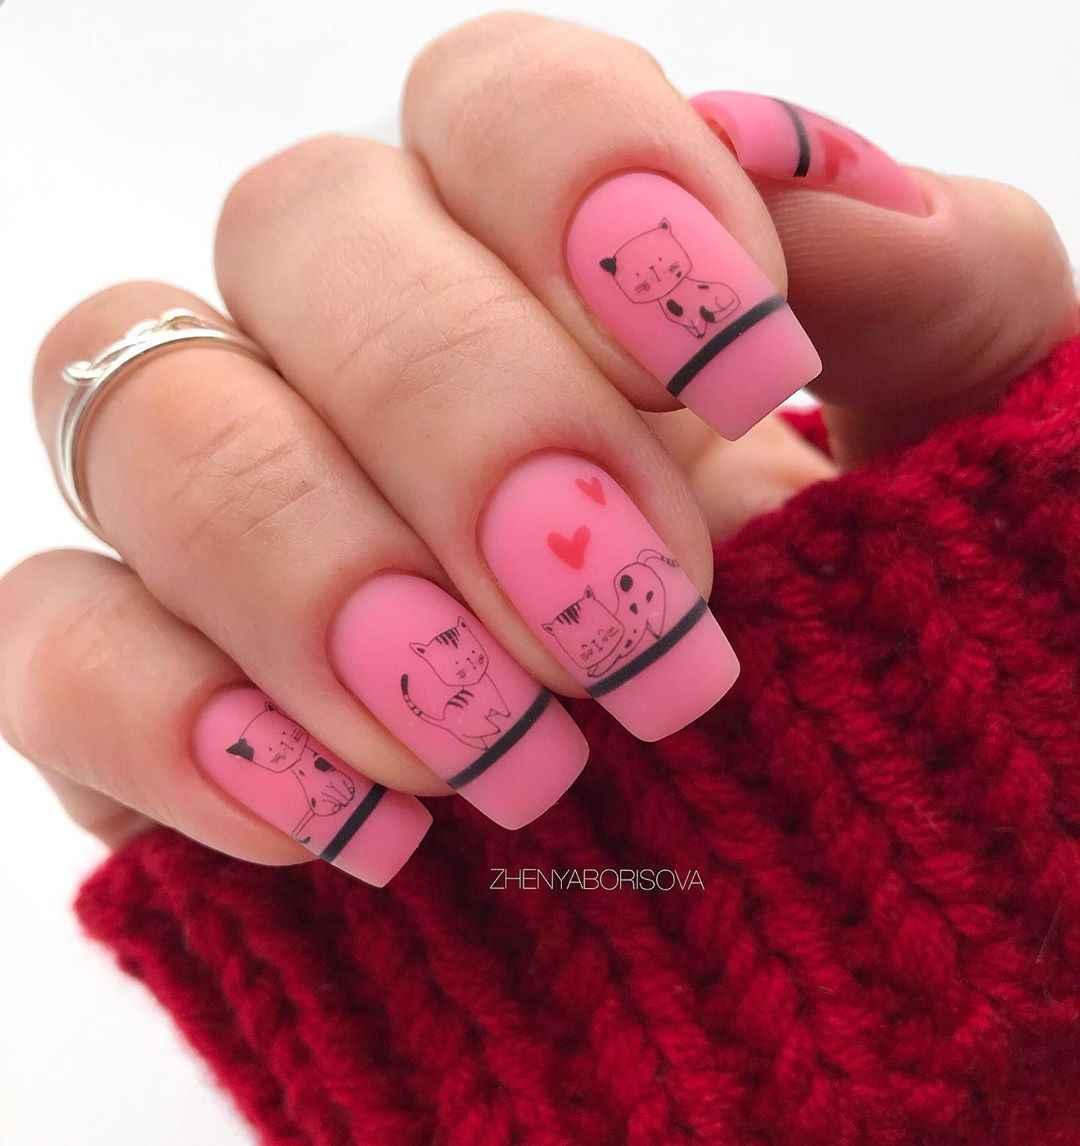 Необычный френч на ногтях фото_11